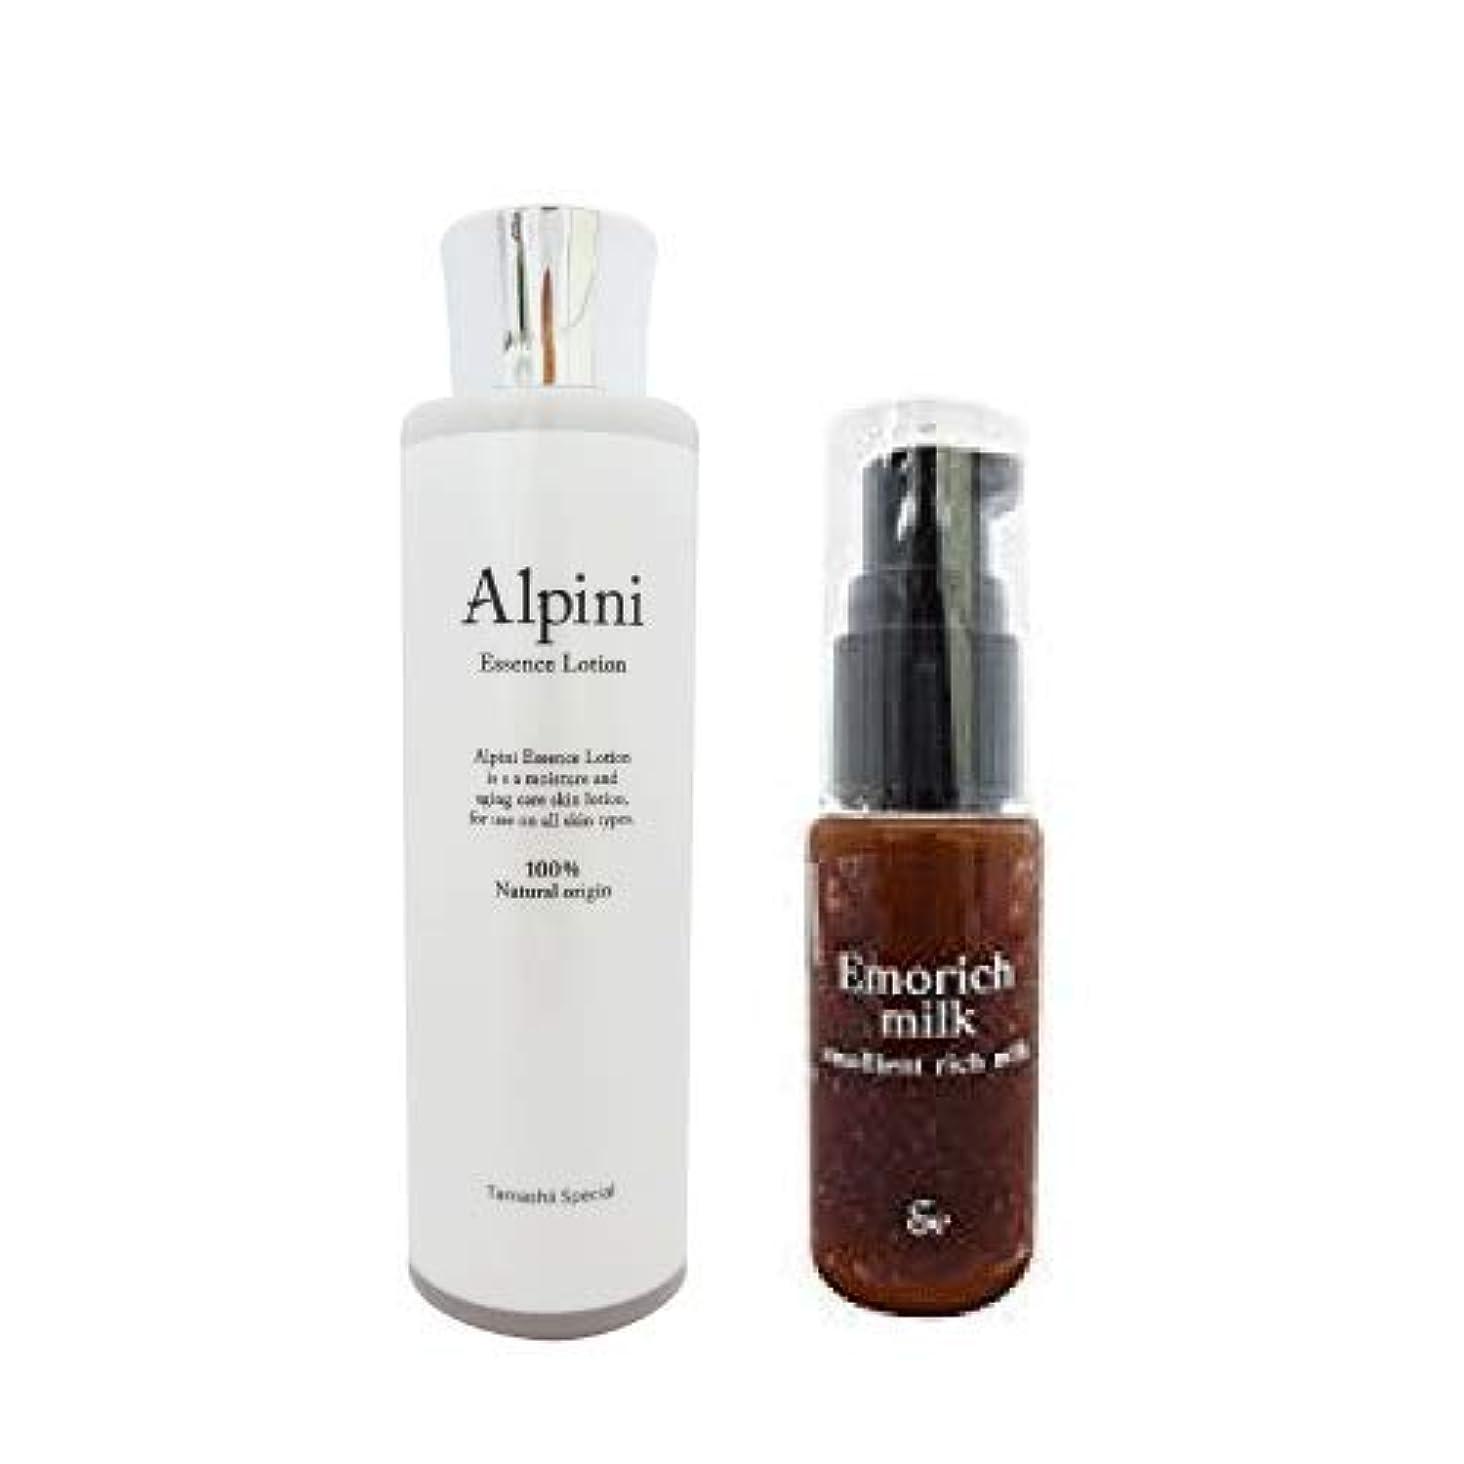 慣らすジャンク寛大なアルピニエッセンスローション150ml+エモリッチミルク30mlセット 完全無添加の保湿化粧水と乳液(ミルク美容液)セット